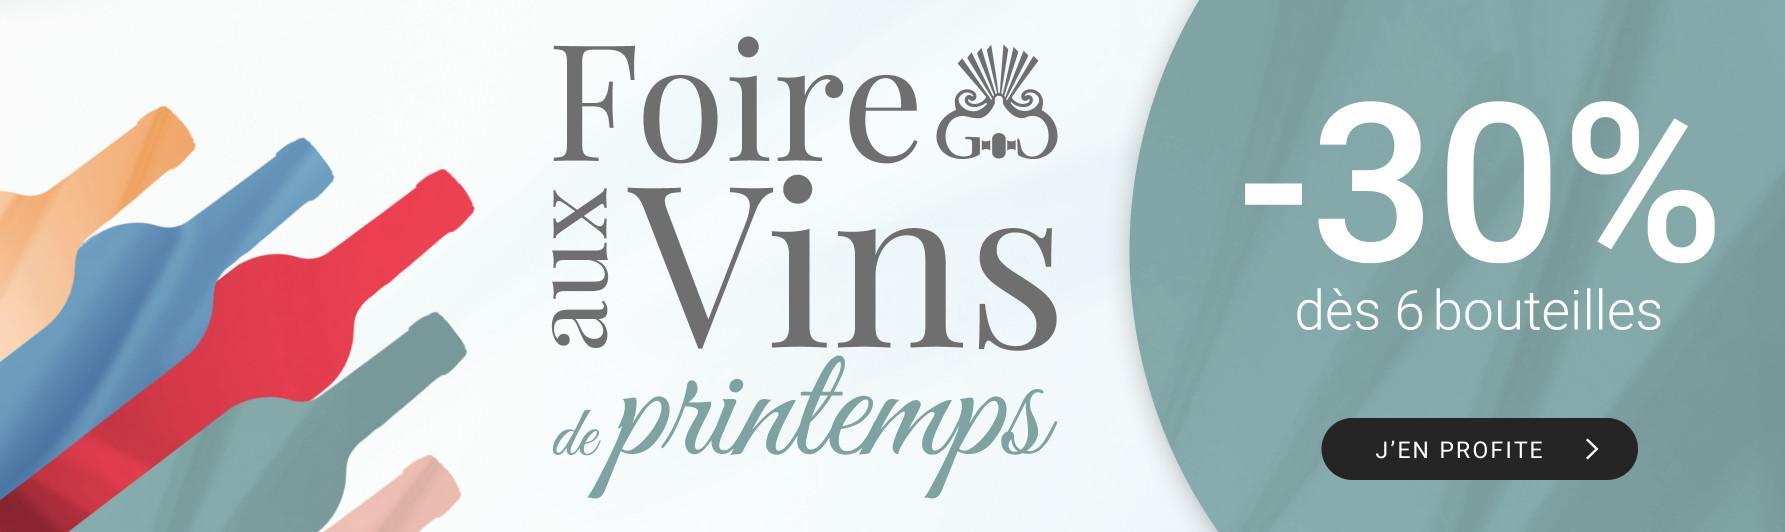 Foire aux vins de printemps par 6 = -30%